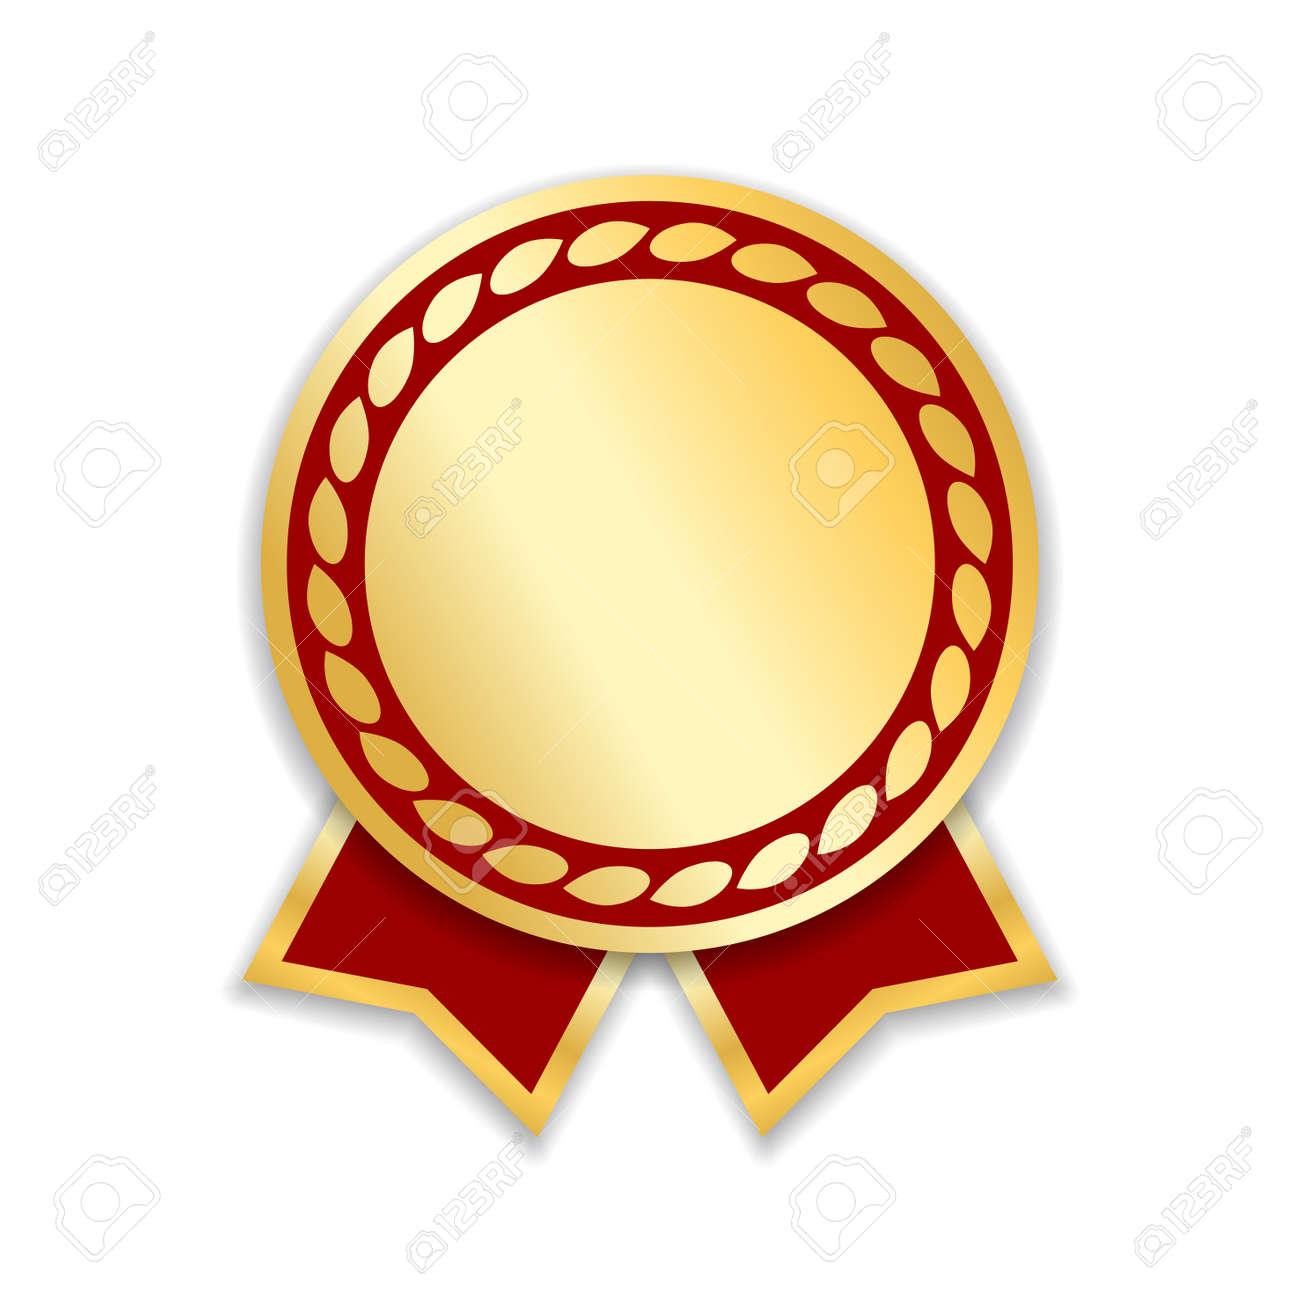 certificate ribbons - Ataum berglauf-verband com